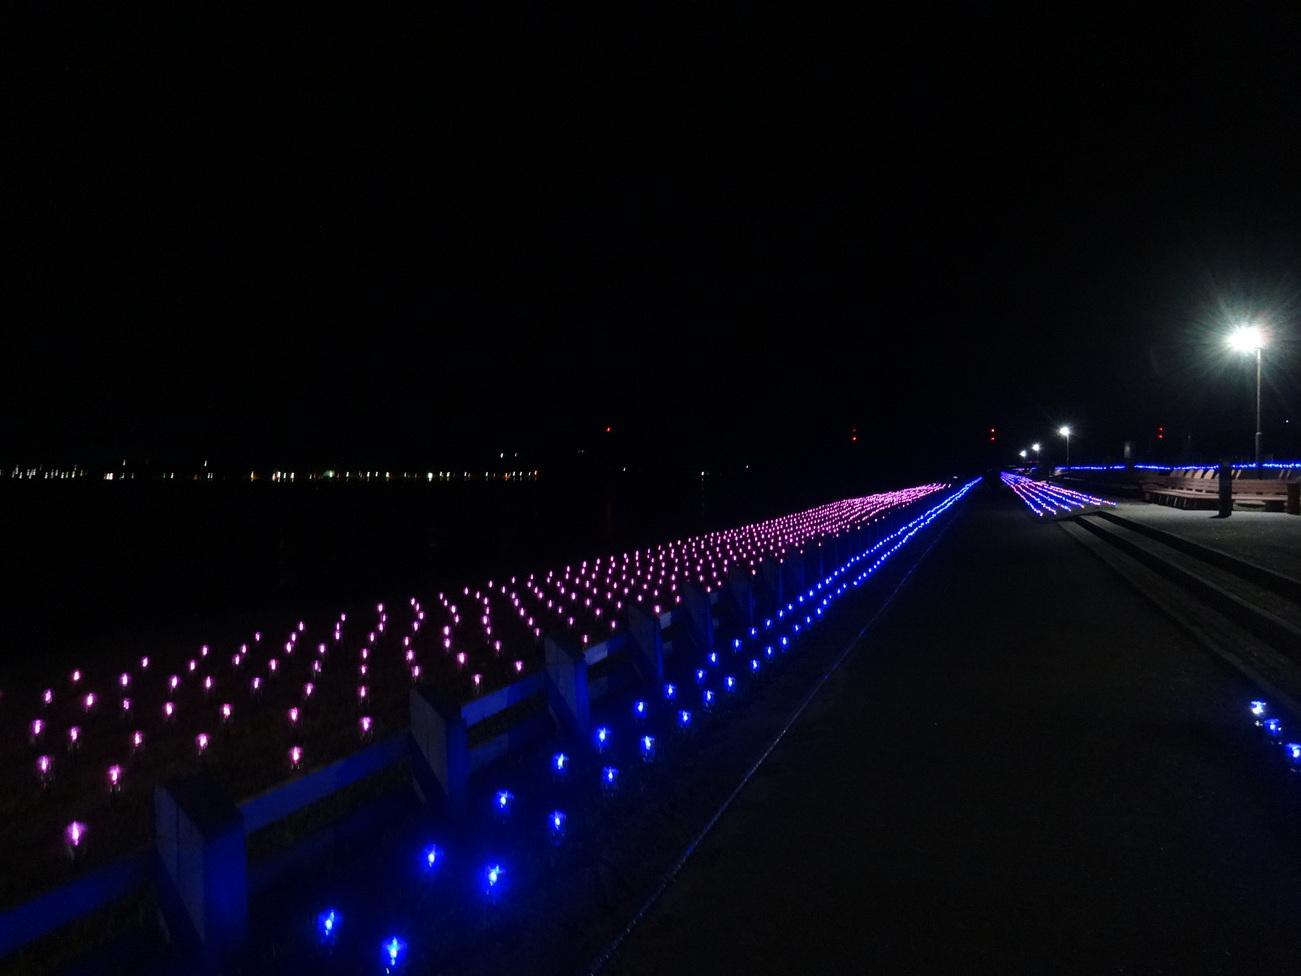 渤海温泉 シーサイドヴィラ渤海 関連画像 4枚目 楽天トラベル提供